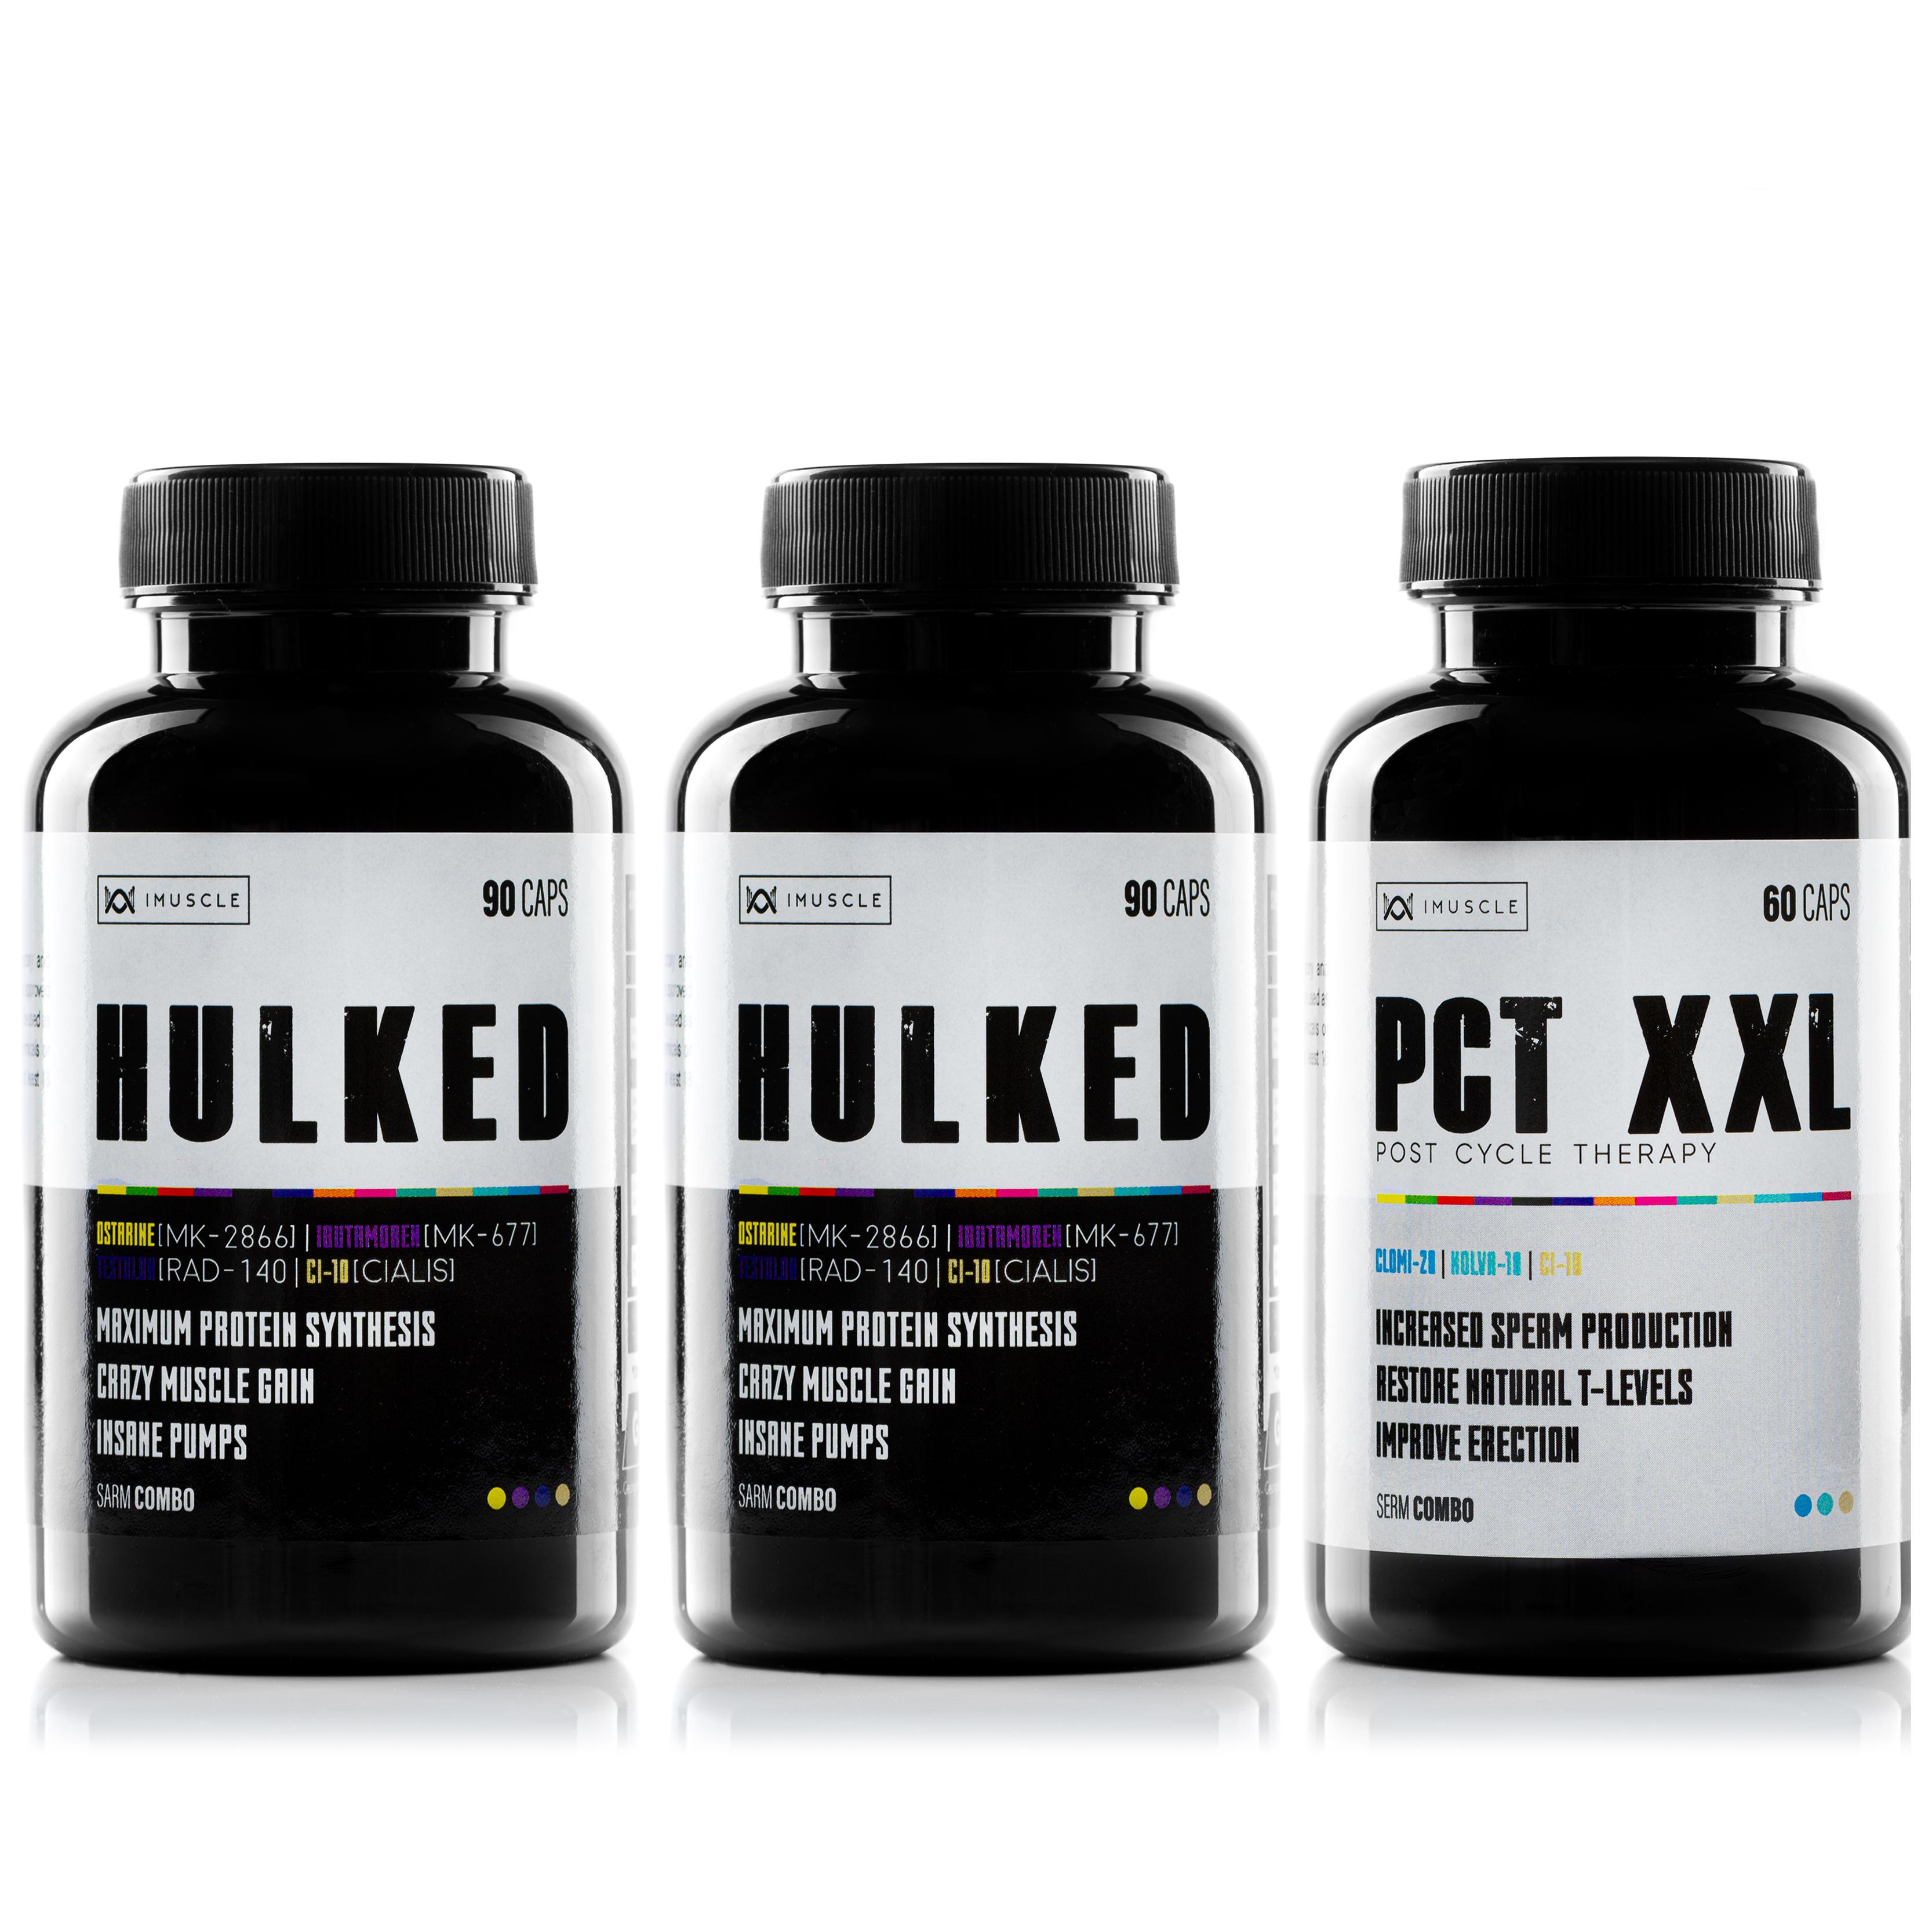 imuscle stack combo hulked x2 , pct xxl